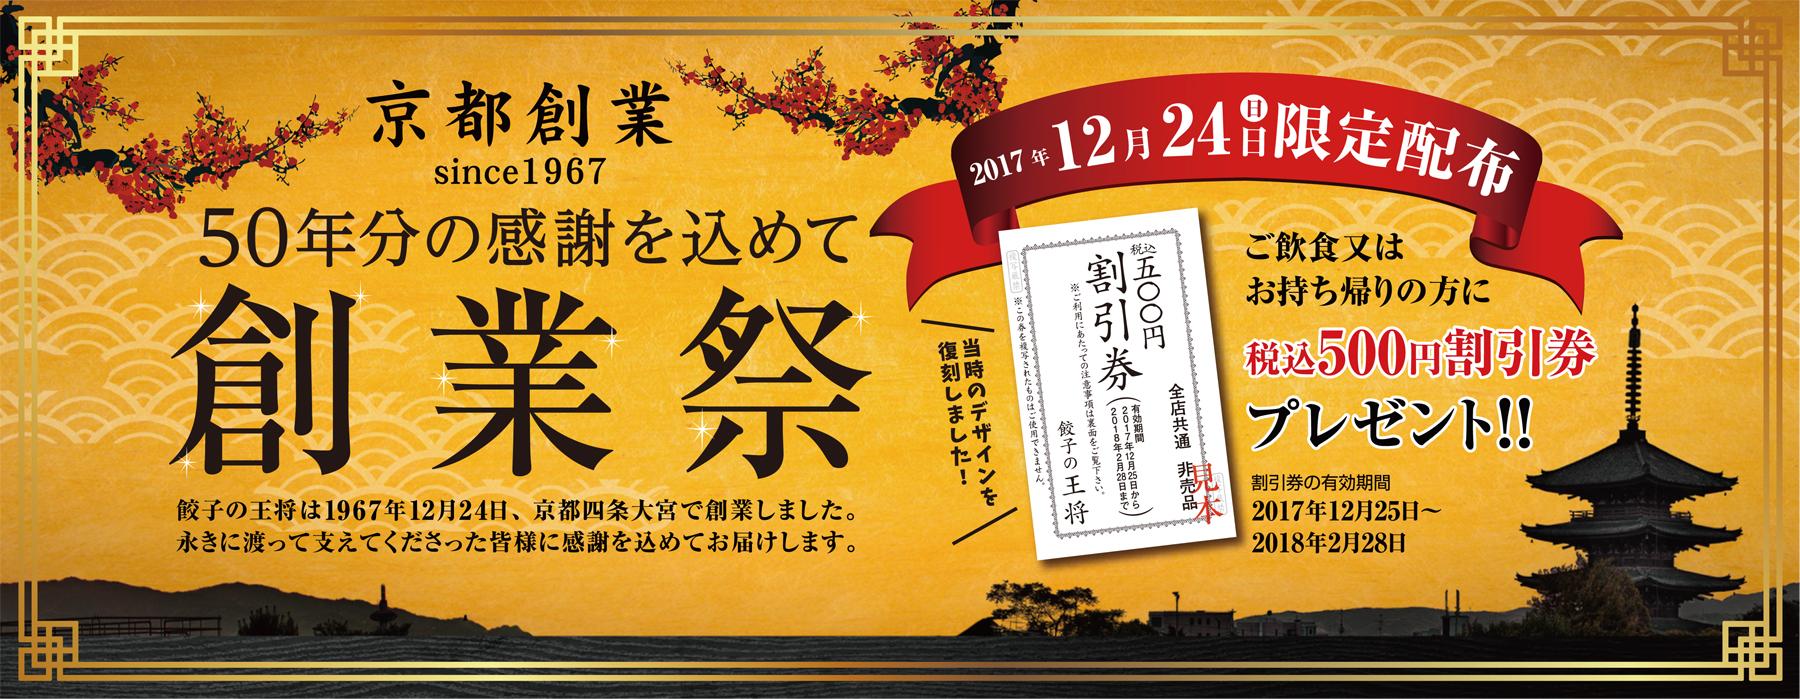 餃子の王将でクリスマス限定で何か食べると500円割引券がもれなく貰える。12/24限定。